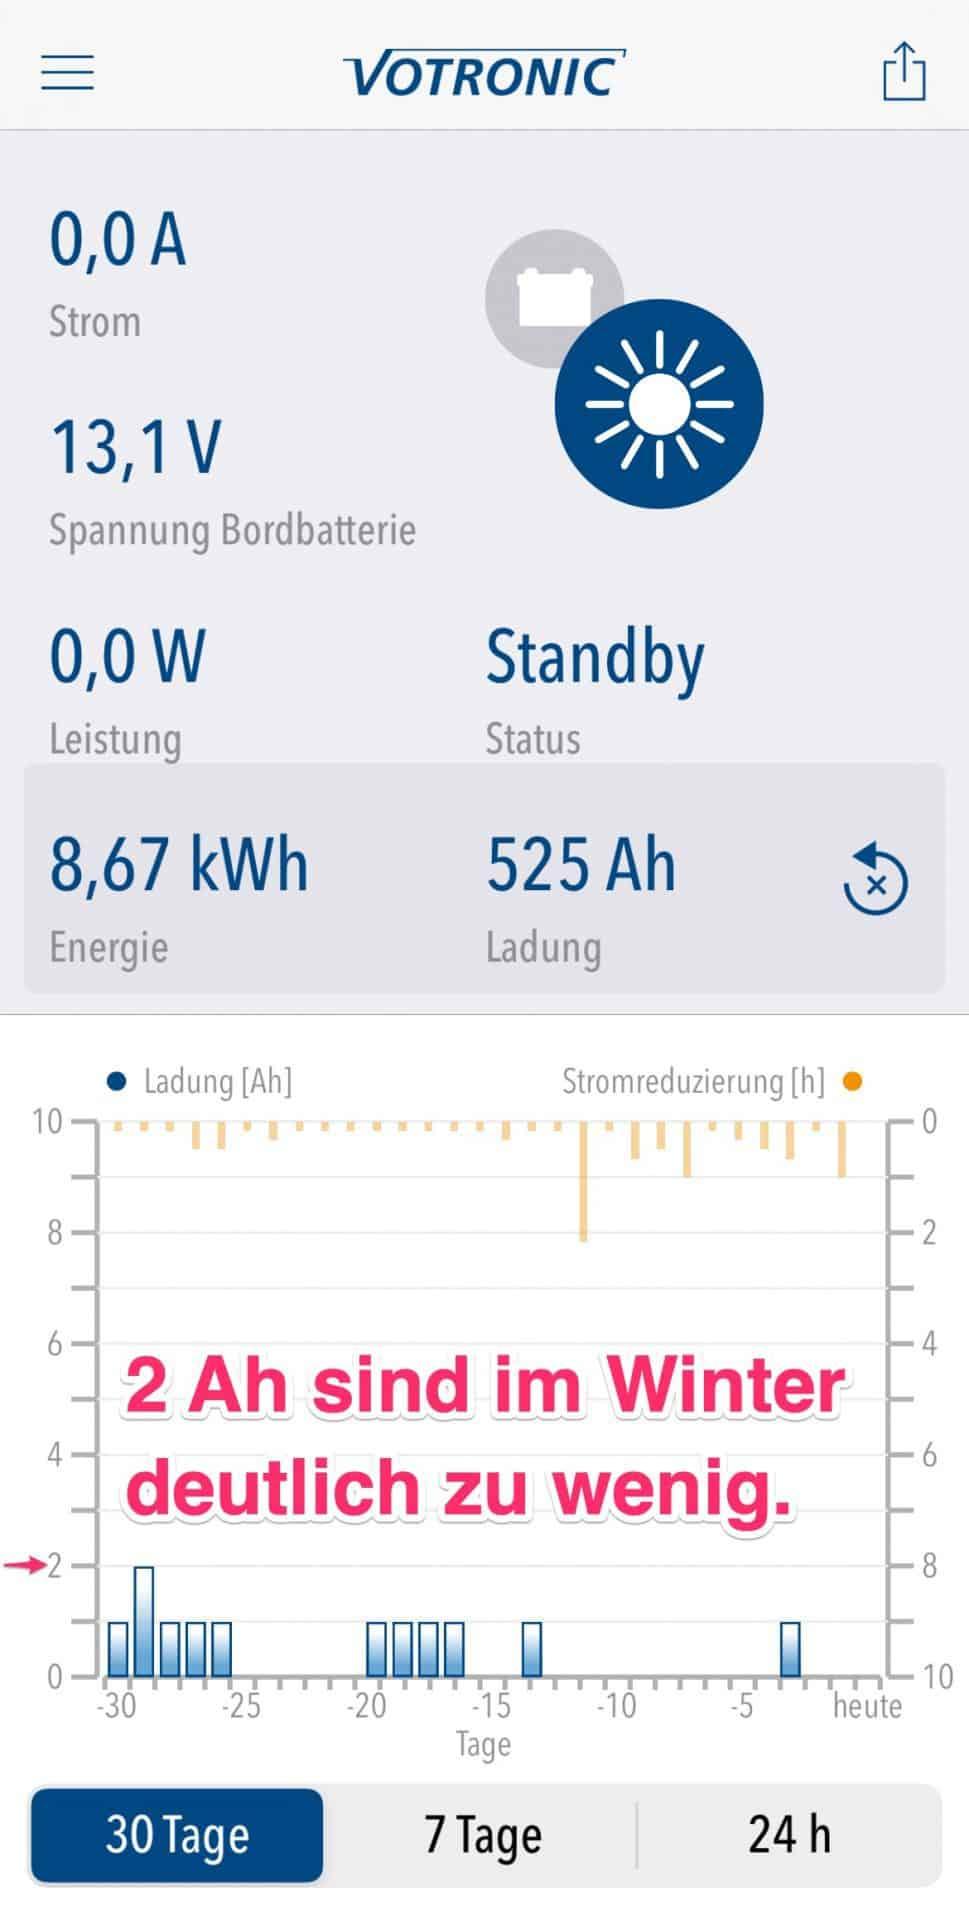 Solaranlage-Wohnmobil-einbauen-erweitern-Votronic-App-Verbesserungsbedarf